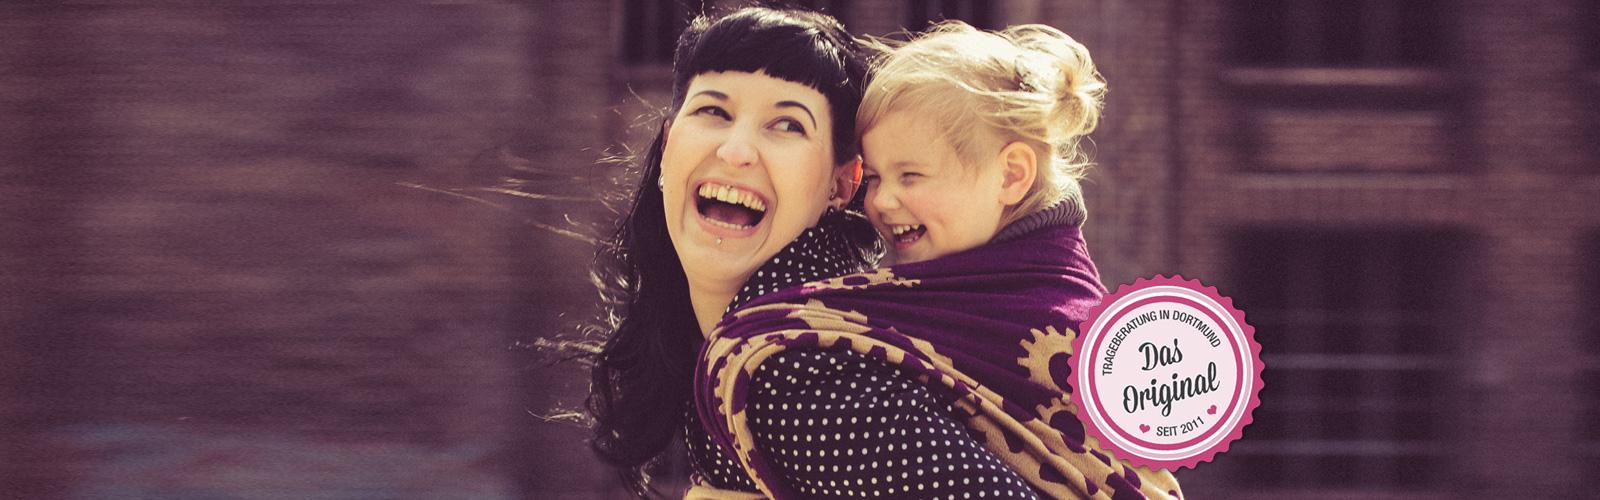 babys-richtig-tragen-die-beste-tragehilfe-tragetuch-komforttrage-tragesystem-trageberatung-nesthaekchen-dortmund-schwerte-herdecke